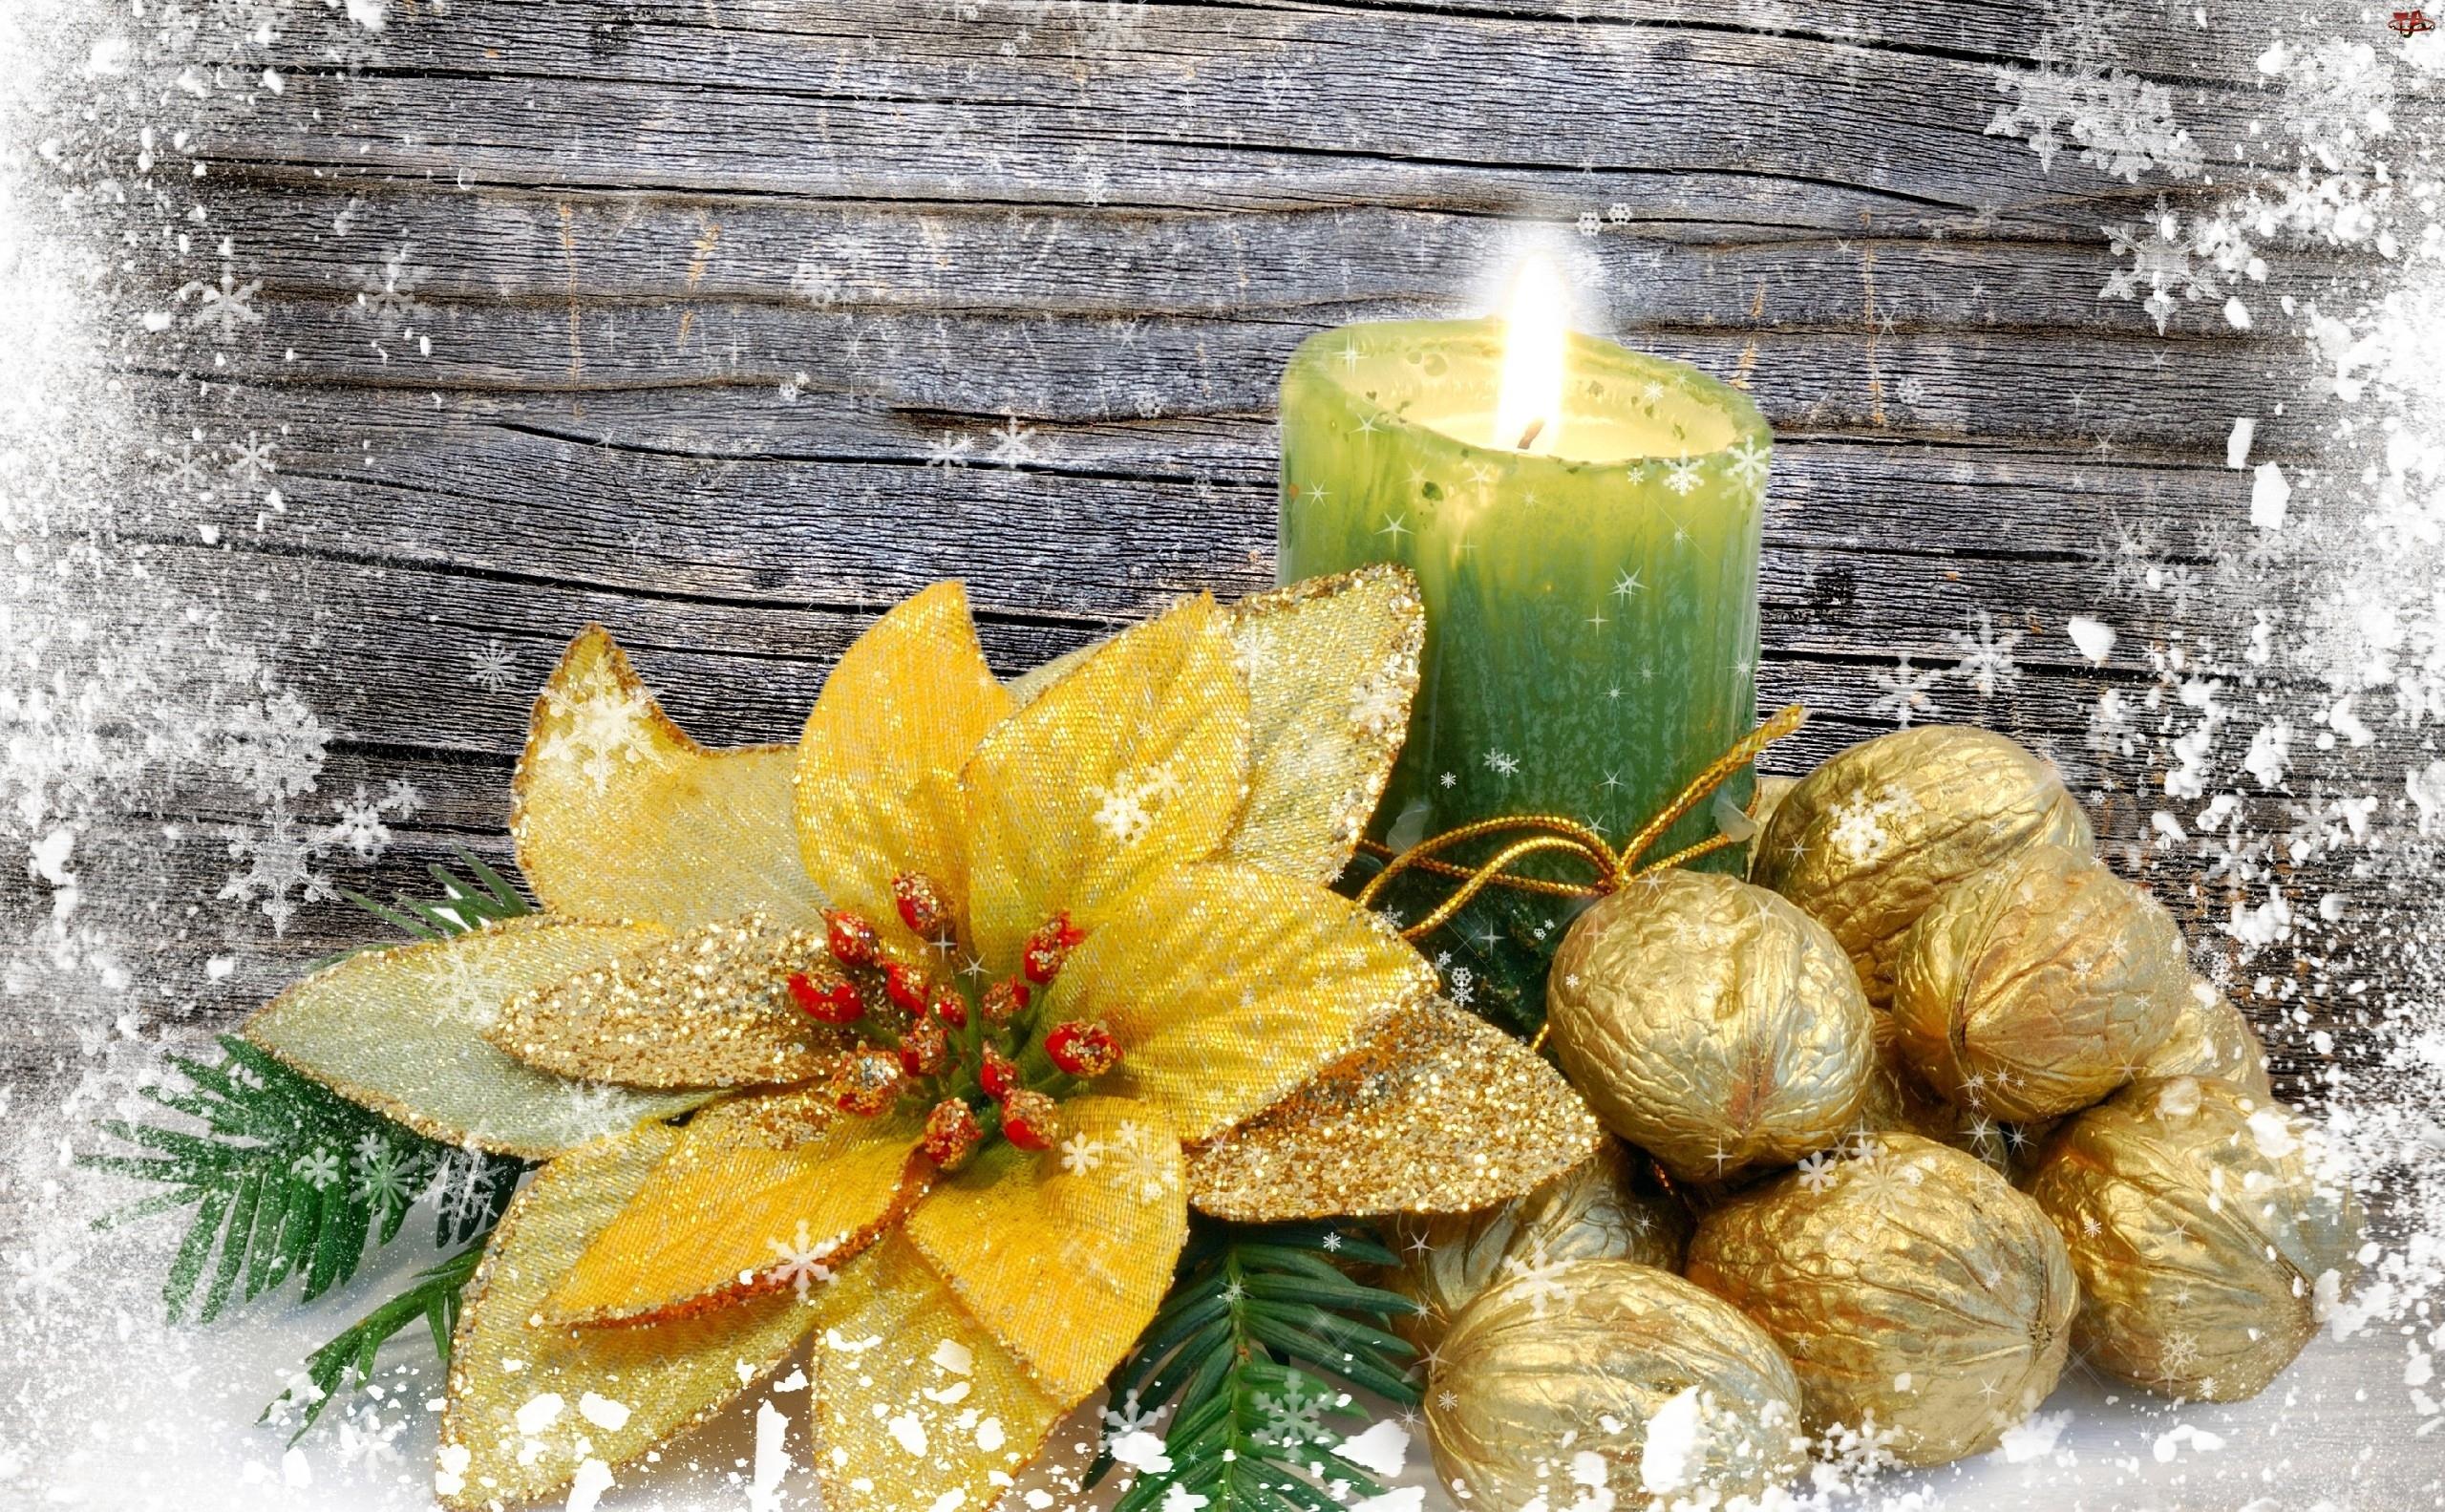 Świeca, Świąteczny, Orzechy, Stroik